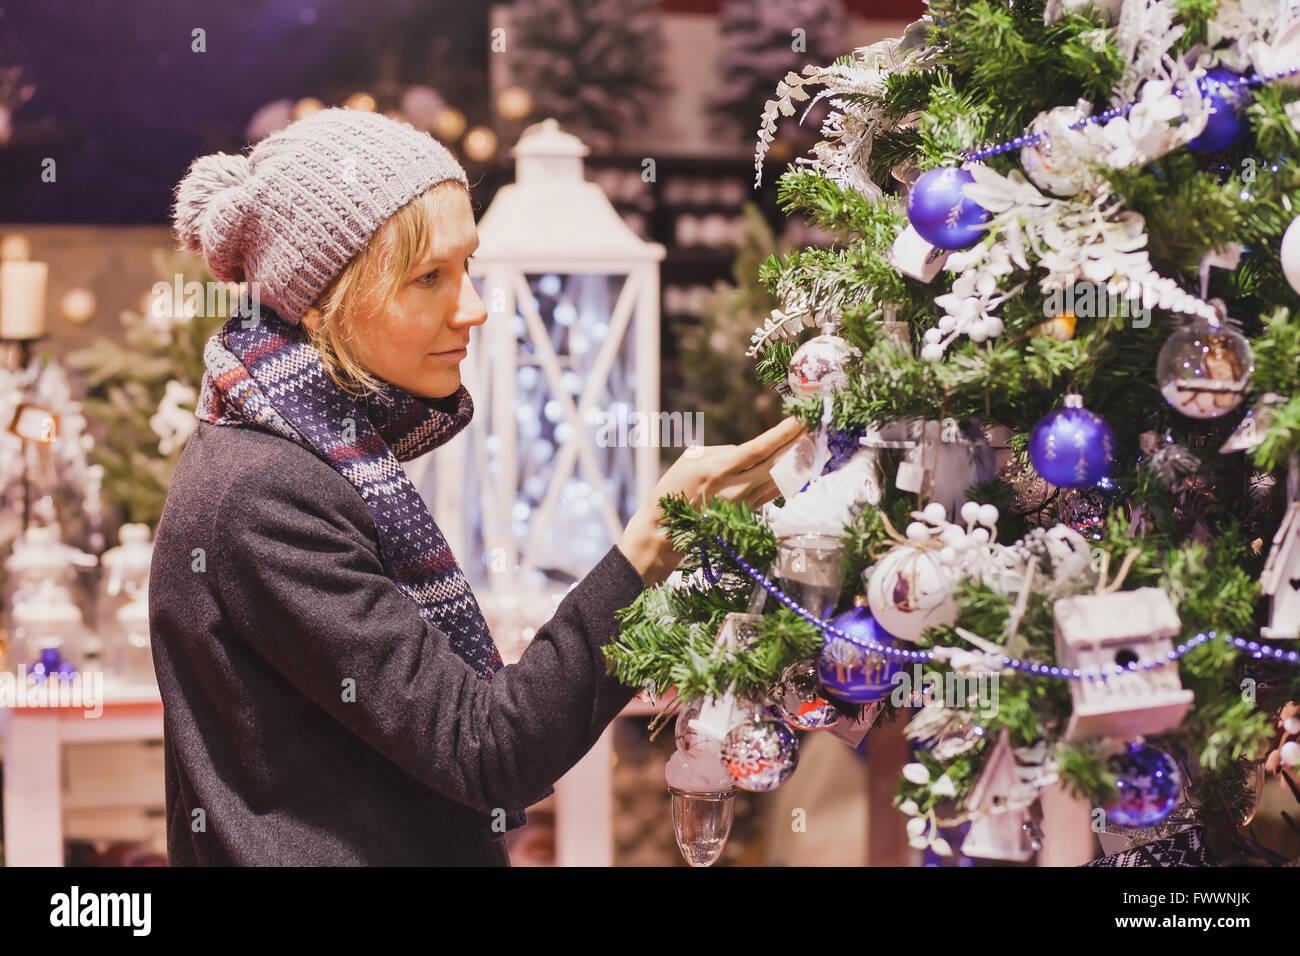 Nos gens au marché de Noël, le choix de la femme dans la boutique décoration de fête Photo Stock